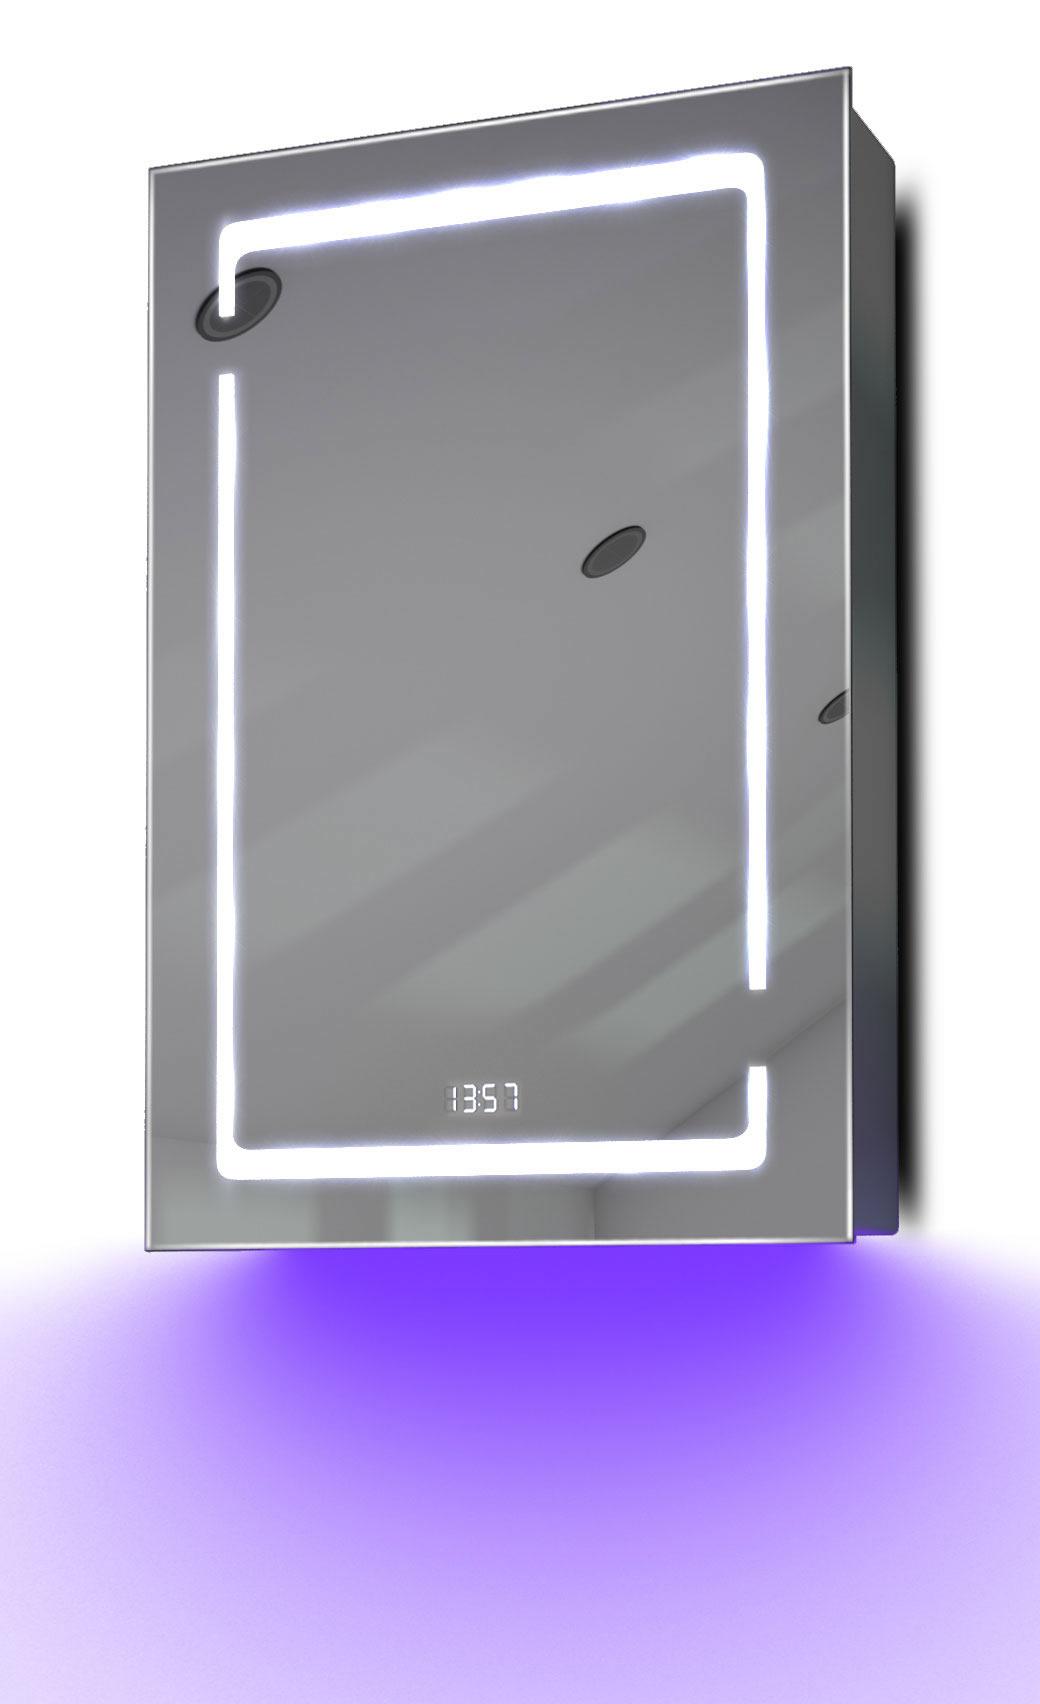 armoire de toilette anti bu e avec capteur prise rasoir et horloge k386u ebay. Black Bedroom Furniture Sets. Home Design Ideas